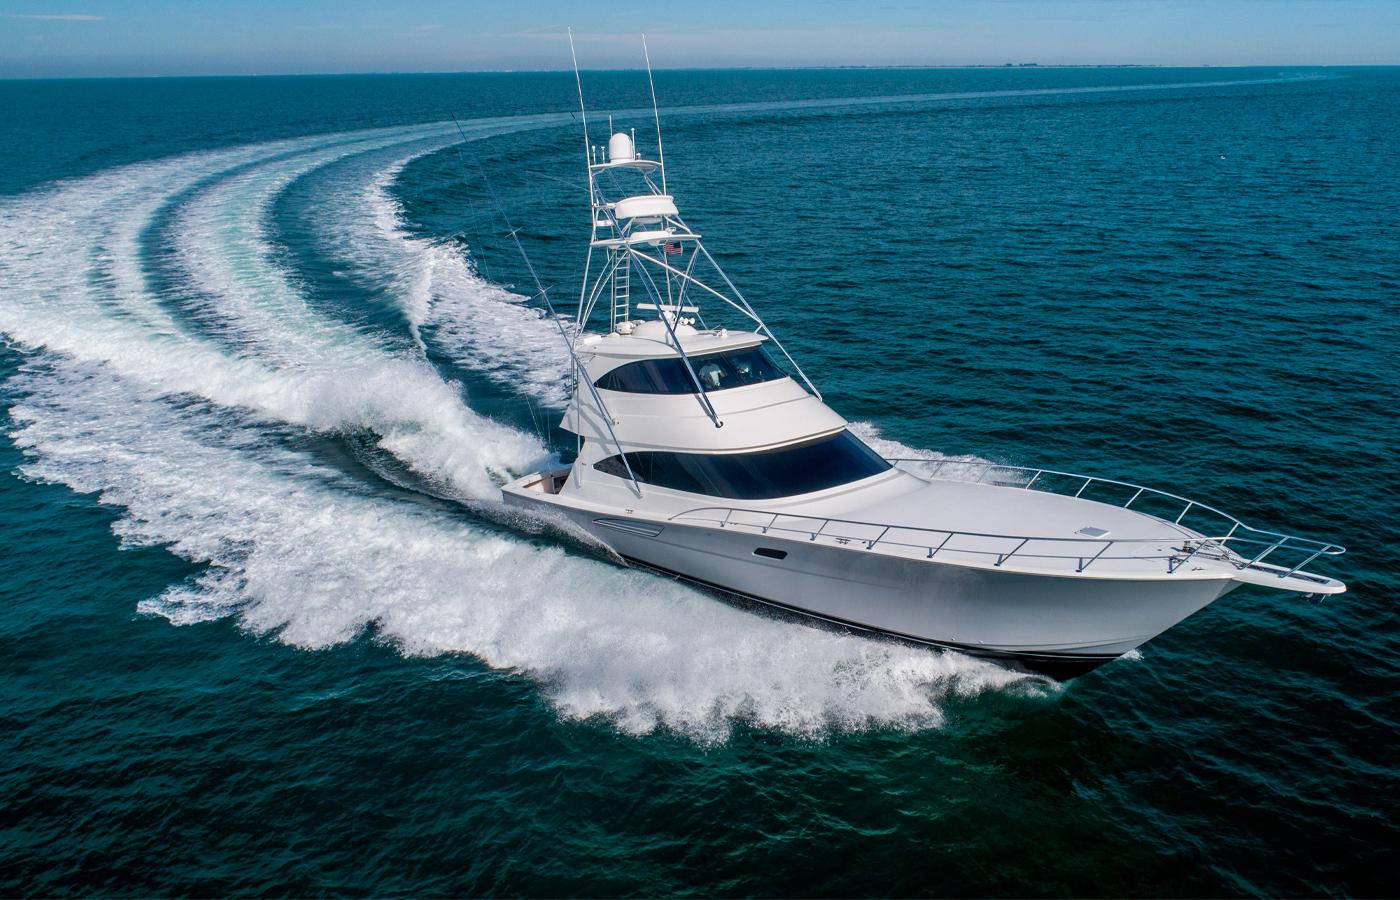 Viking Sportfish Yachts Under 80 Feet That Are Always In Demand